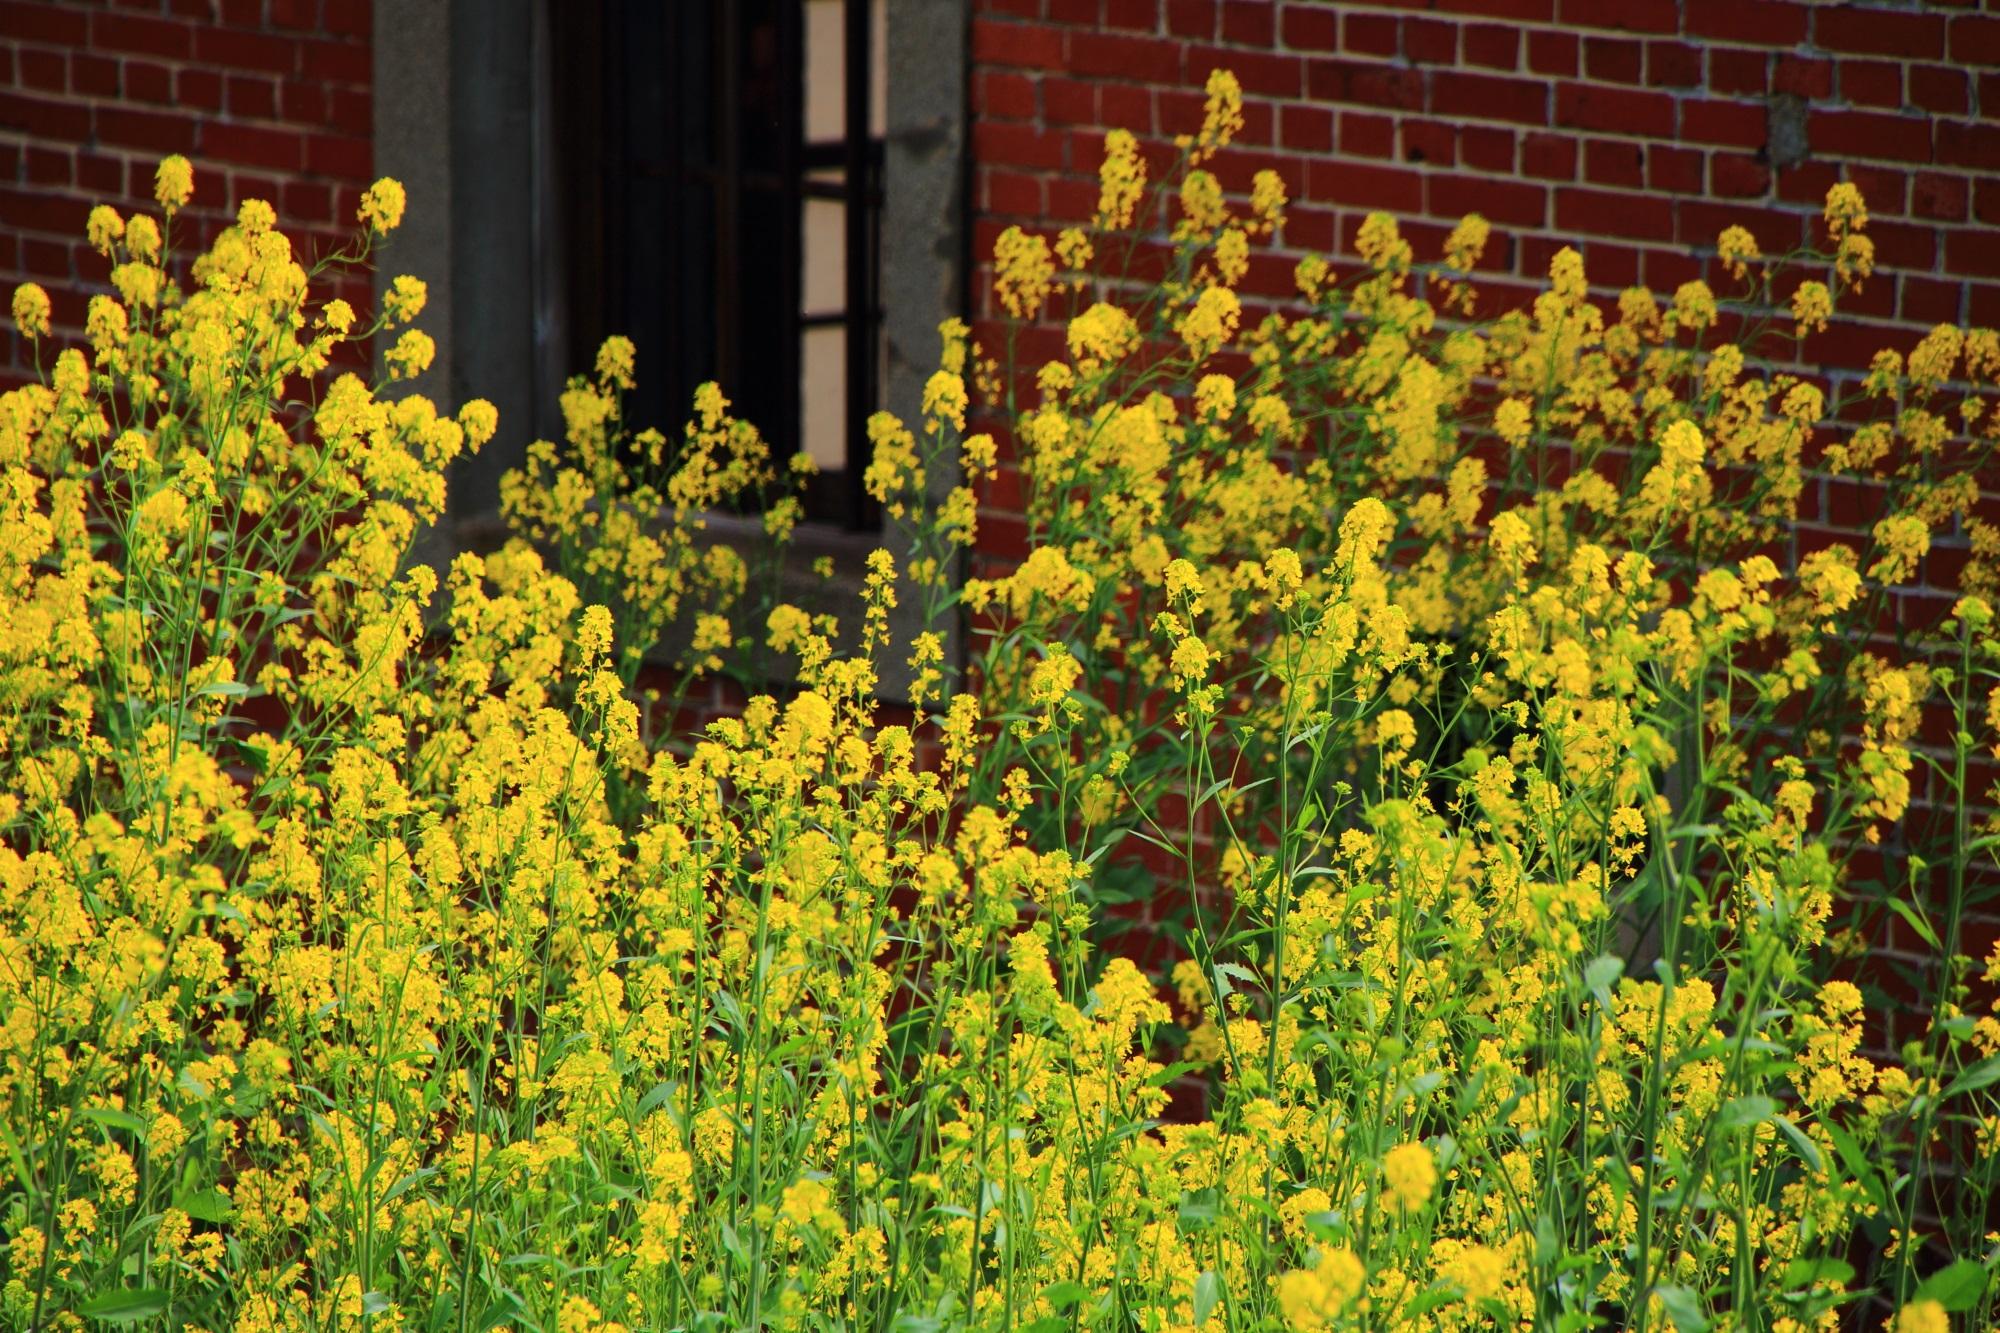 松本酒蔵のレンガ蔵と華やかな黄色い菜の花